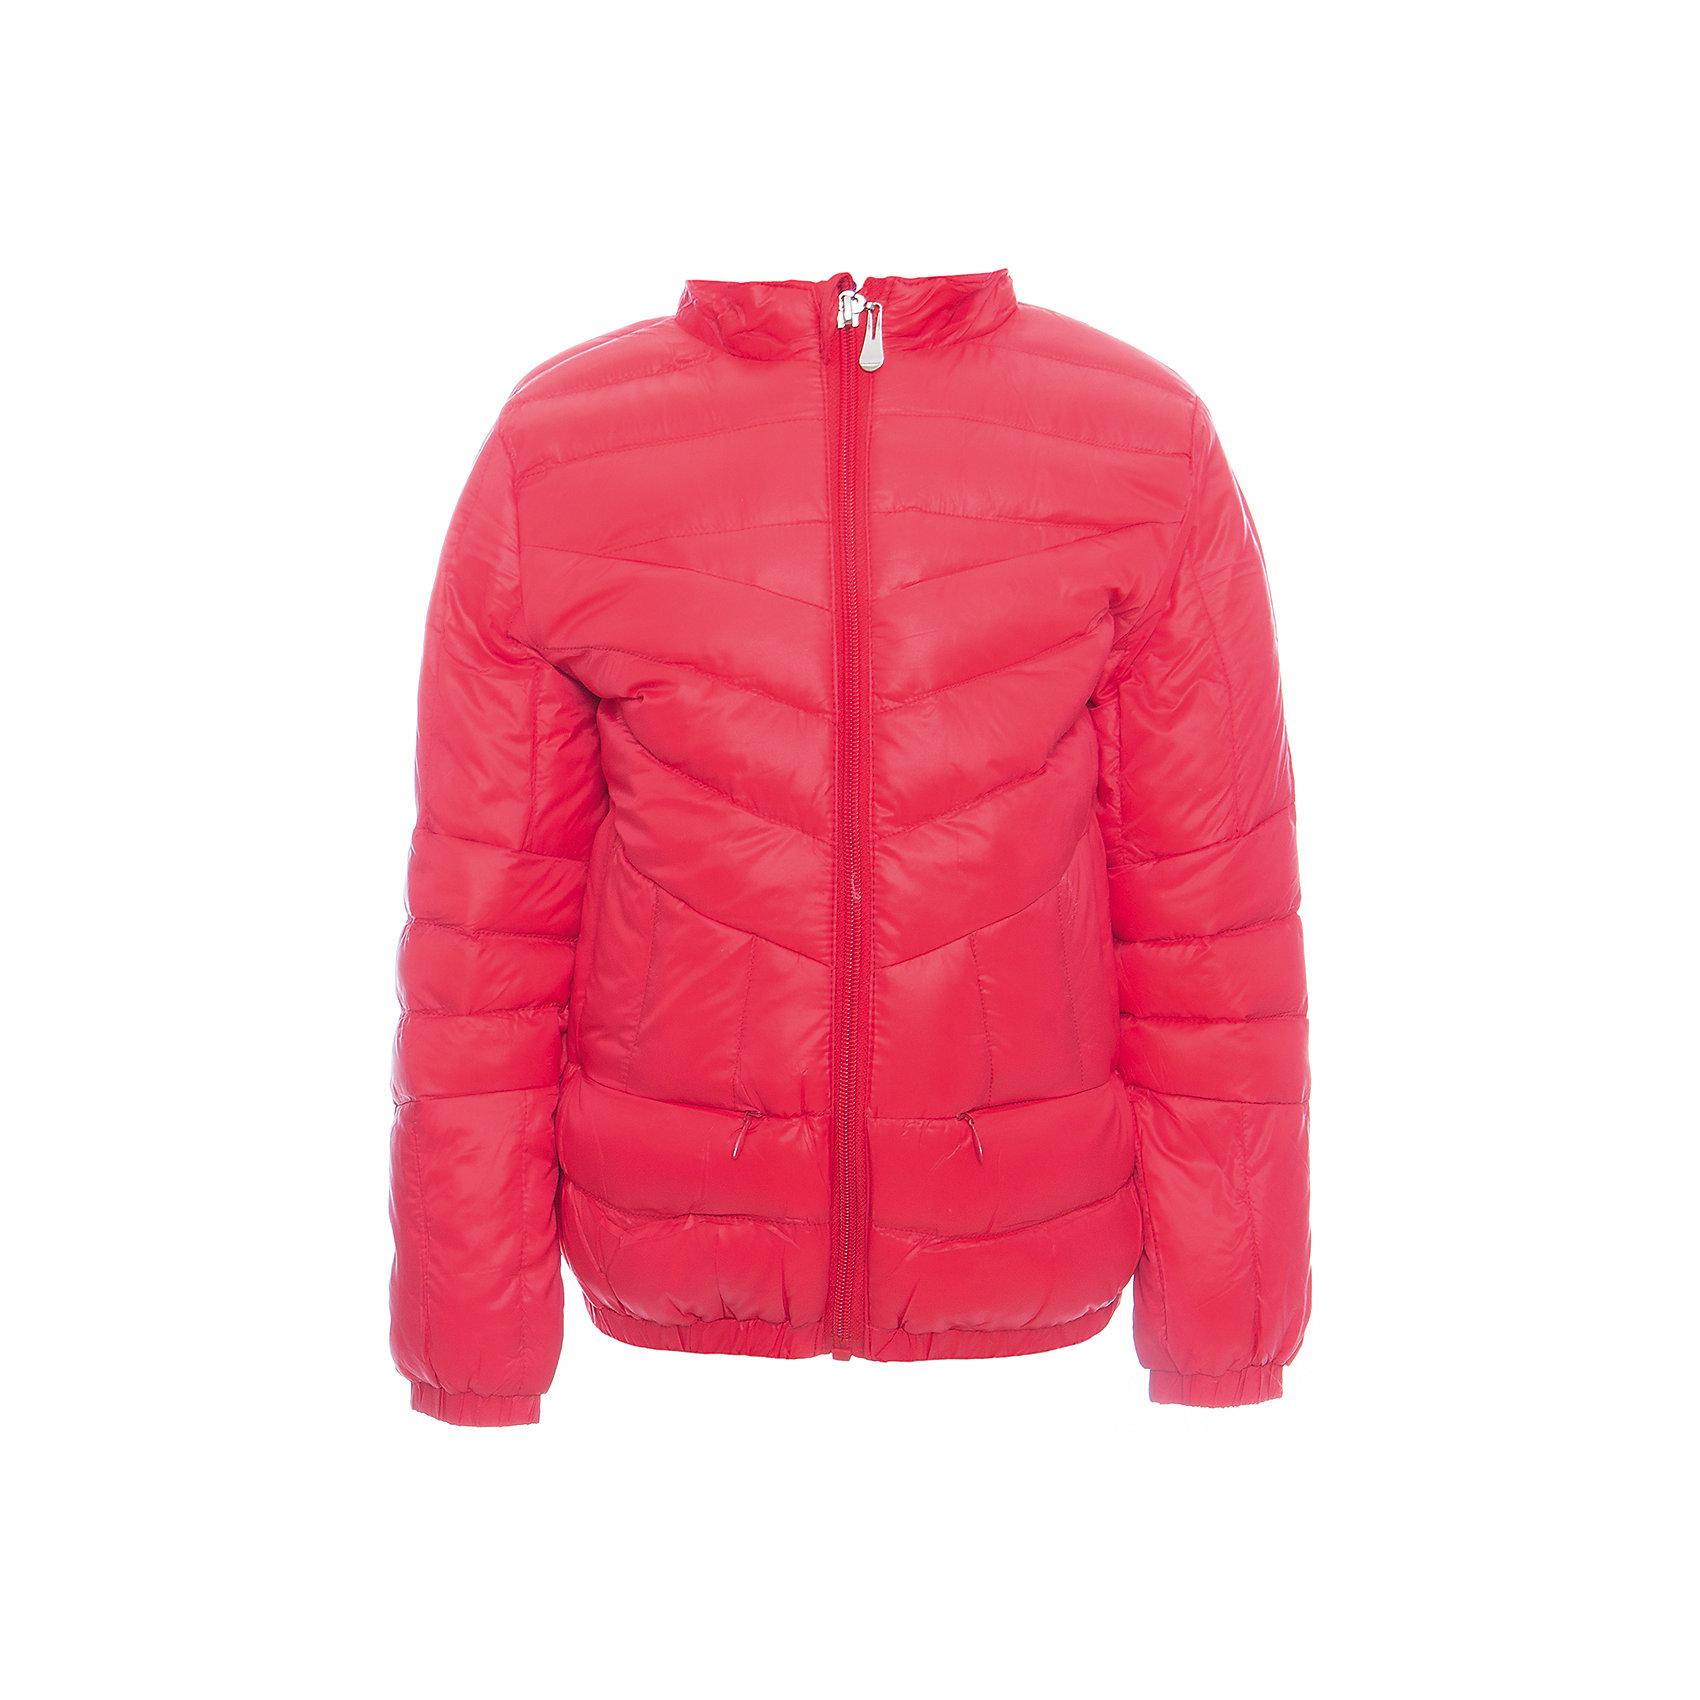 Куртка для девочки Sweet BerryВерхняя одежда<br>Легкая и удобная стеганая куртка с воротничком-стойкой для девочки. Два прорезных карманы на молнии.<br>Состав:<br>Верх: 100%нейлон.  Подкладка: 100%полиэстер. Наполнитель: 100%полиэстер<br><br>Ширина мм: 356<br>Глубина мм: 10<br>Высота мм: 245<br>Вес г: 519<br>Цвет: красный<br>Возраст от месяцев: 36<br>Возраст до месяцев: 48<br>Пол: Женский<br>Возраст: Детский<br>Размер: 104,122,98,110,116,128<br>SKU: 5412065